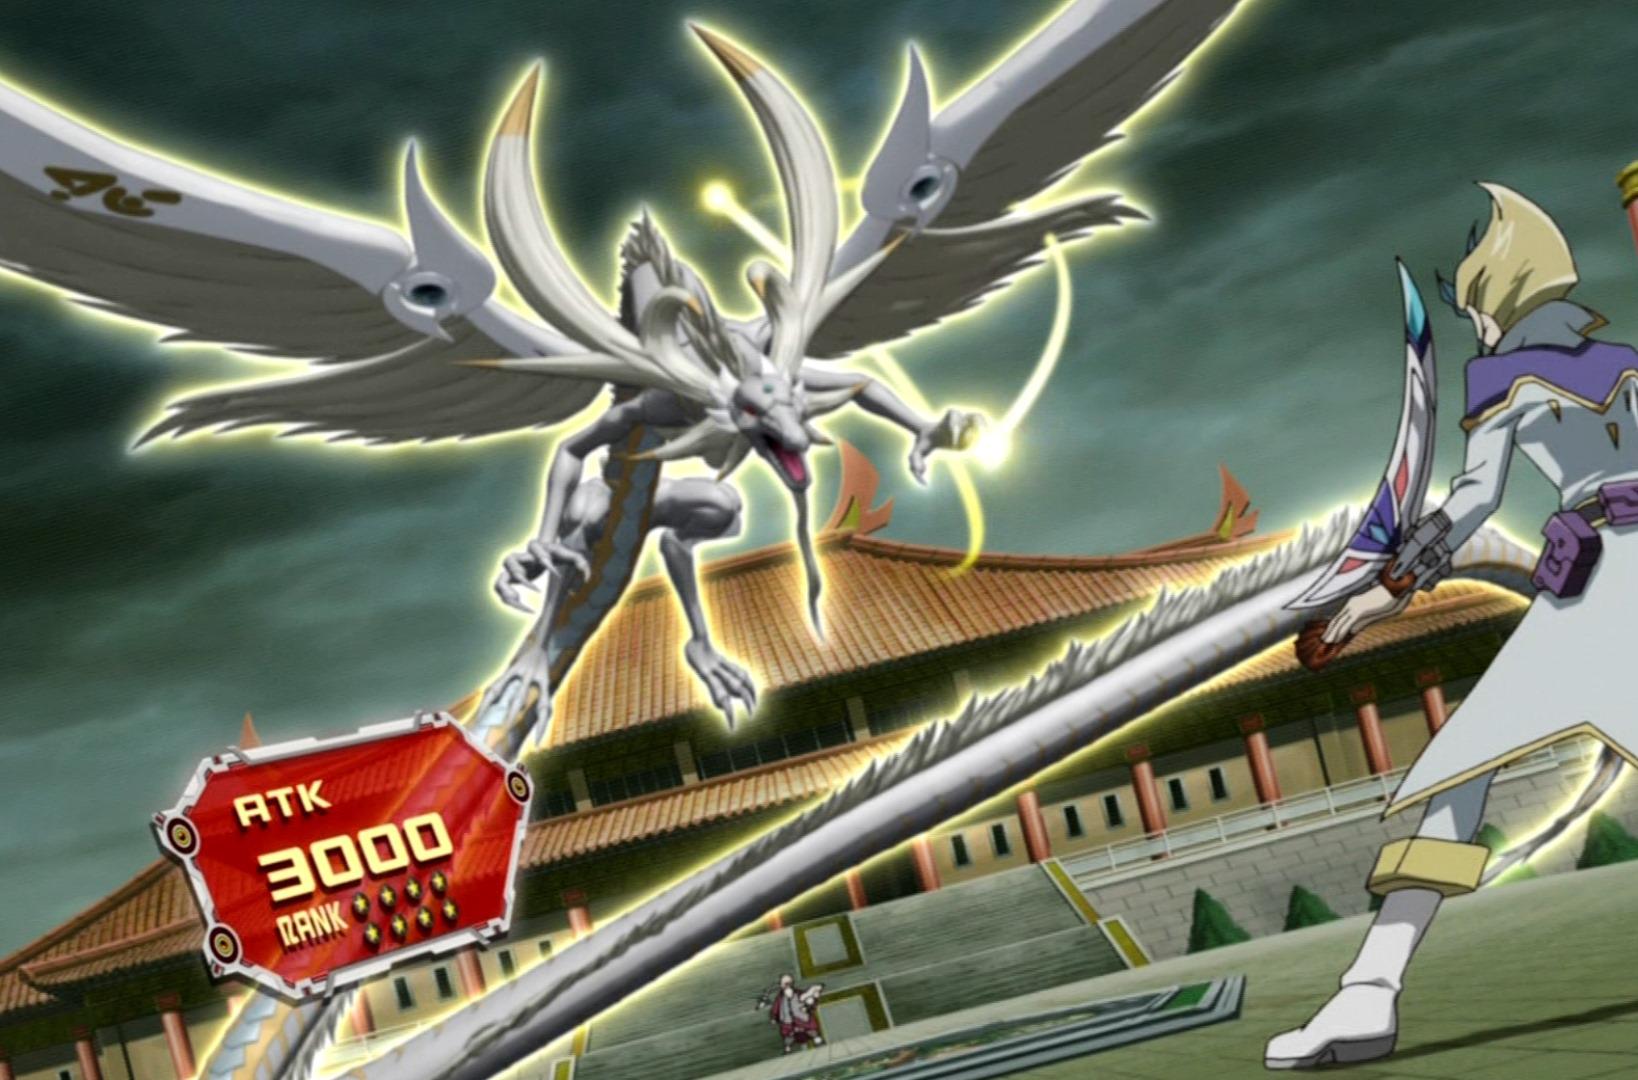 Watch Yu-Gi-Oh! ZEXAL II Episode 54 English Dub - AnimeKisa